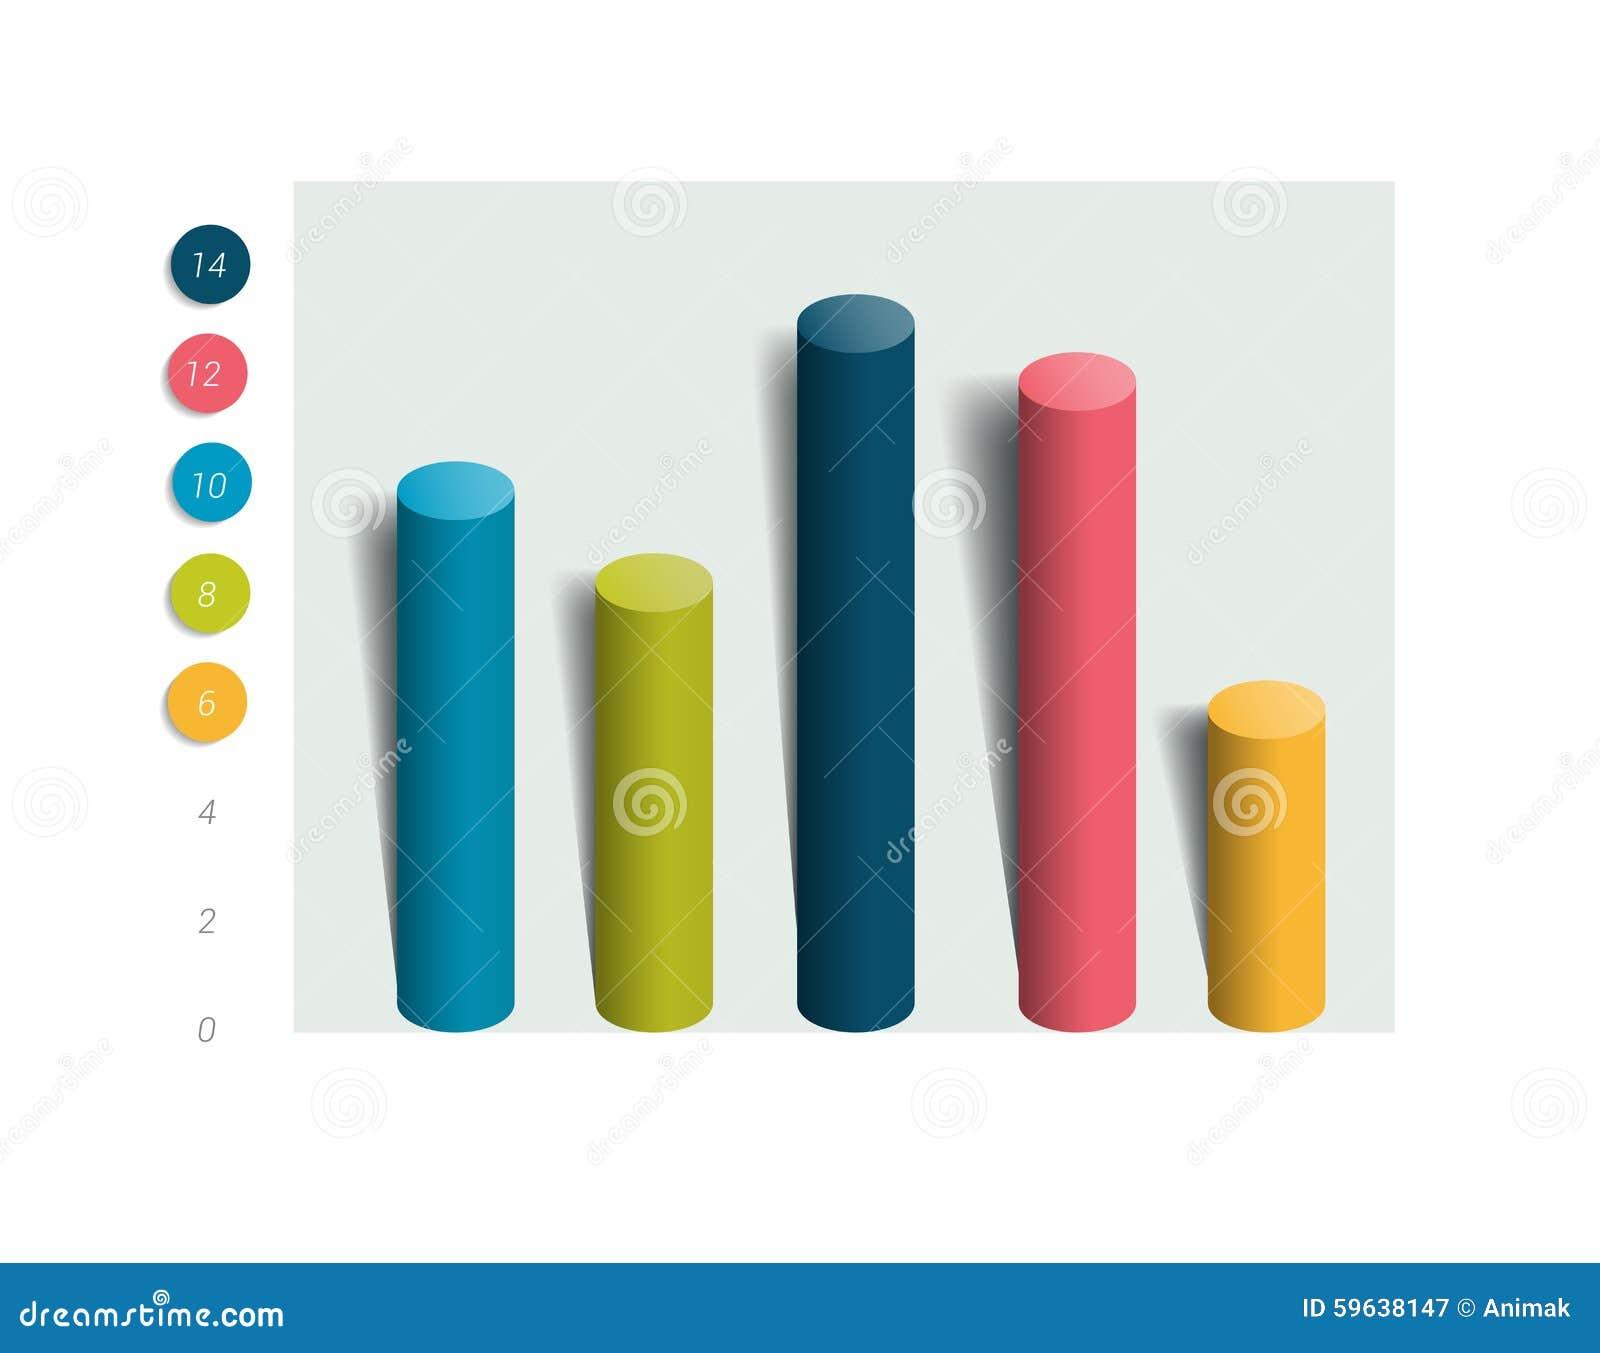 τρισδιάστατο διάγραμμα colummn, γραφική παράσταση Απλά χρώμα editable